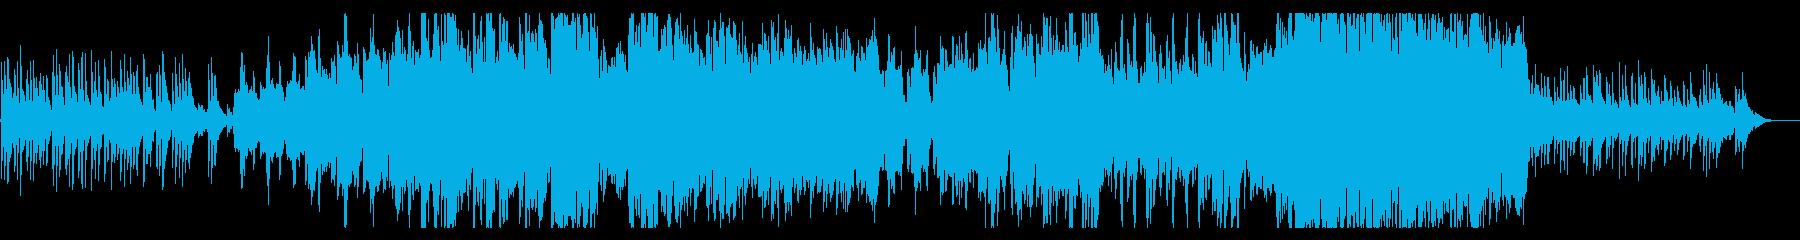 日本の夕暮れ、雄大、感動(打楽器抜き)の再生済みの波形